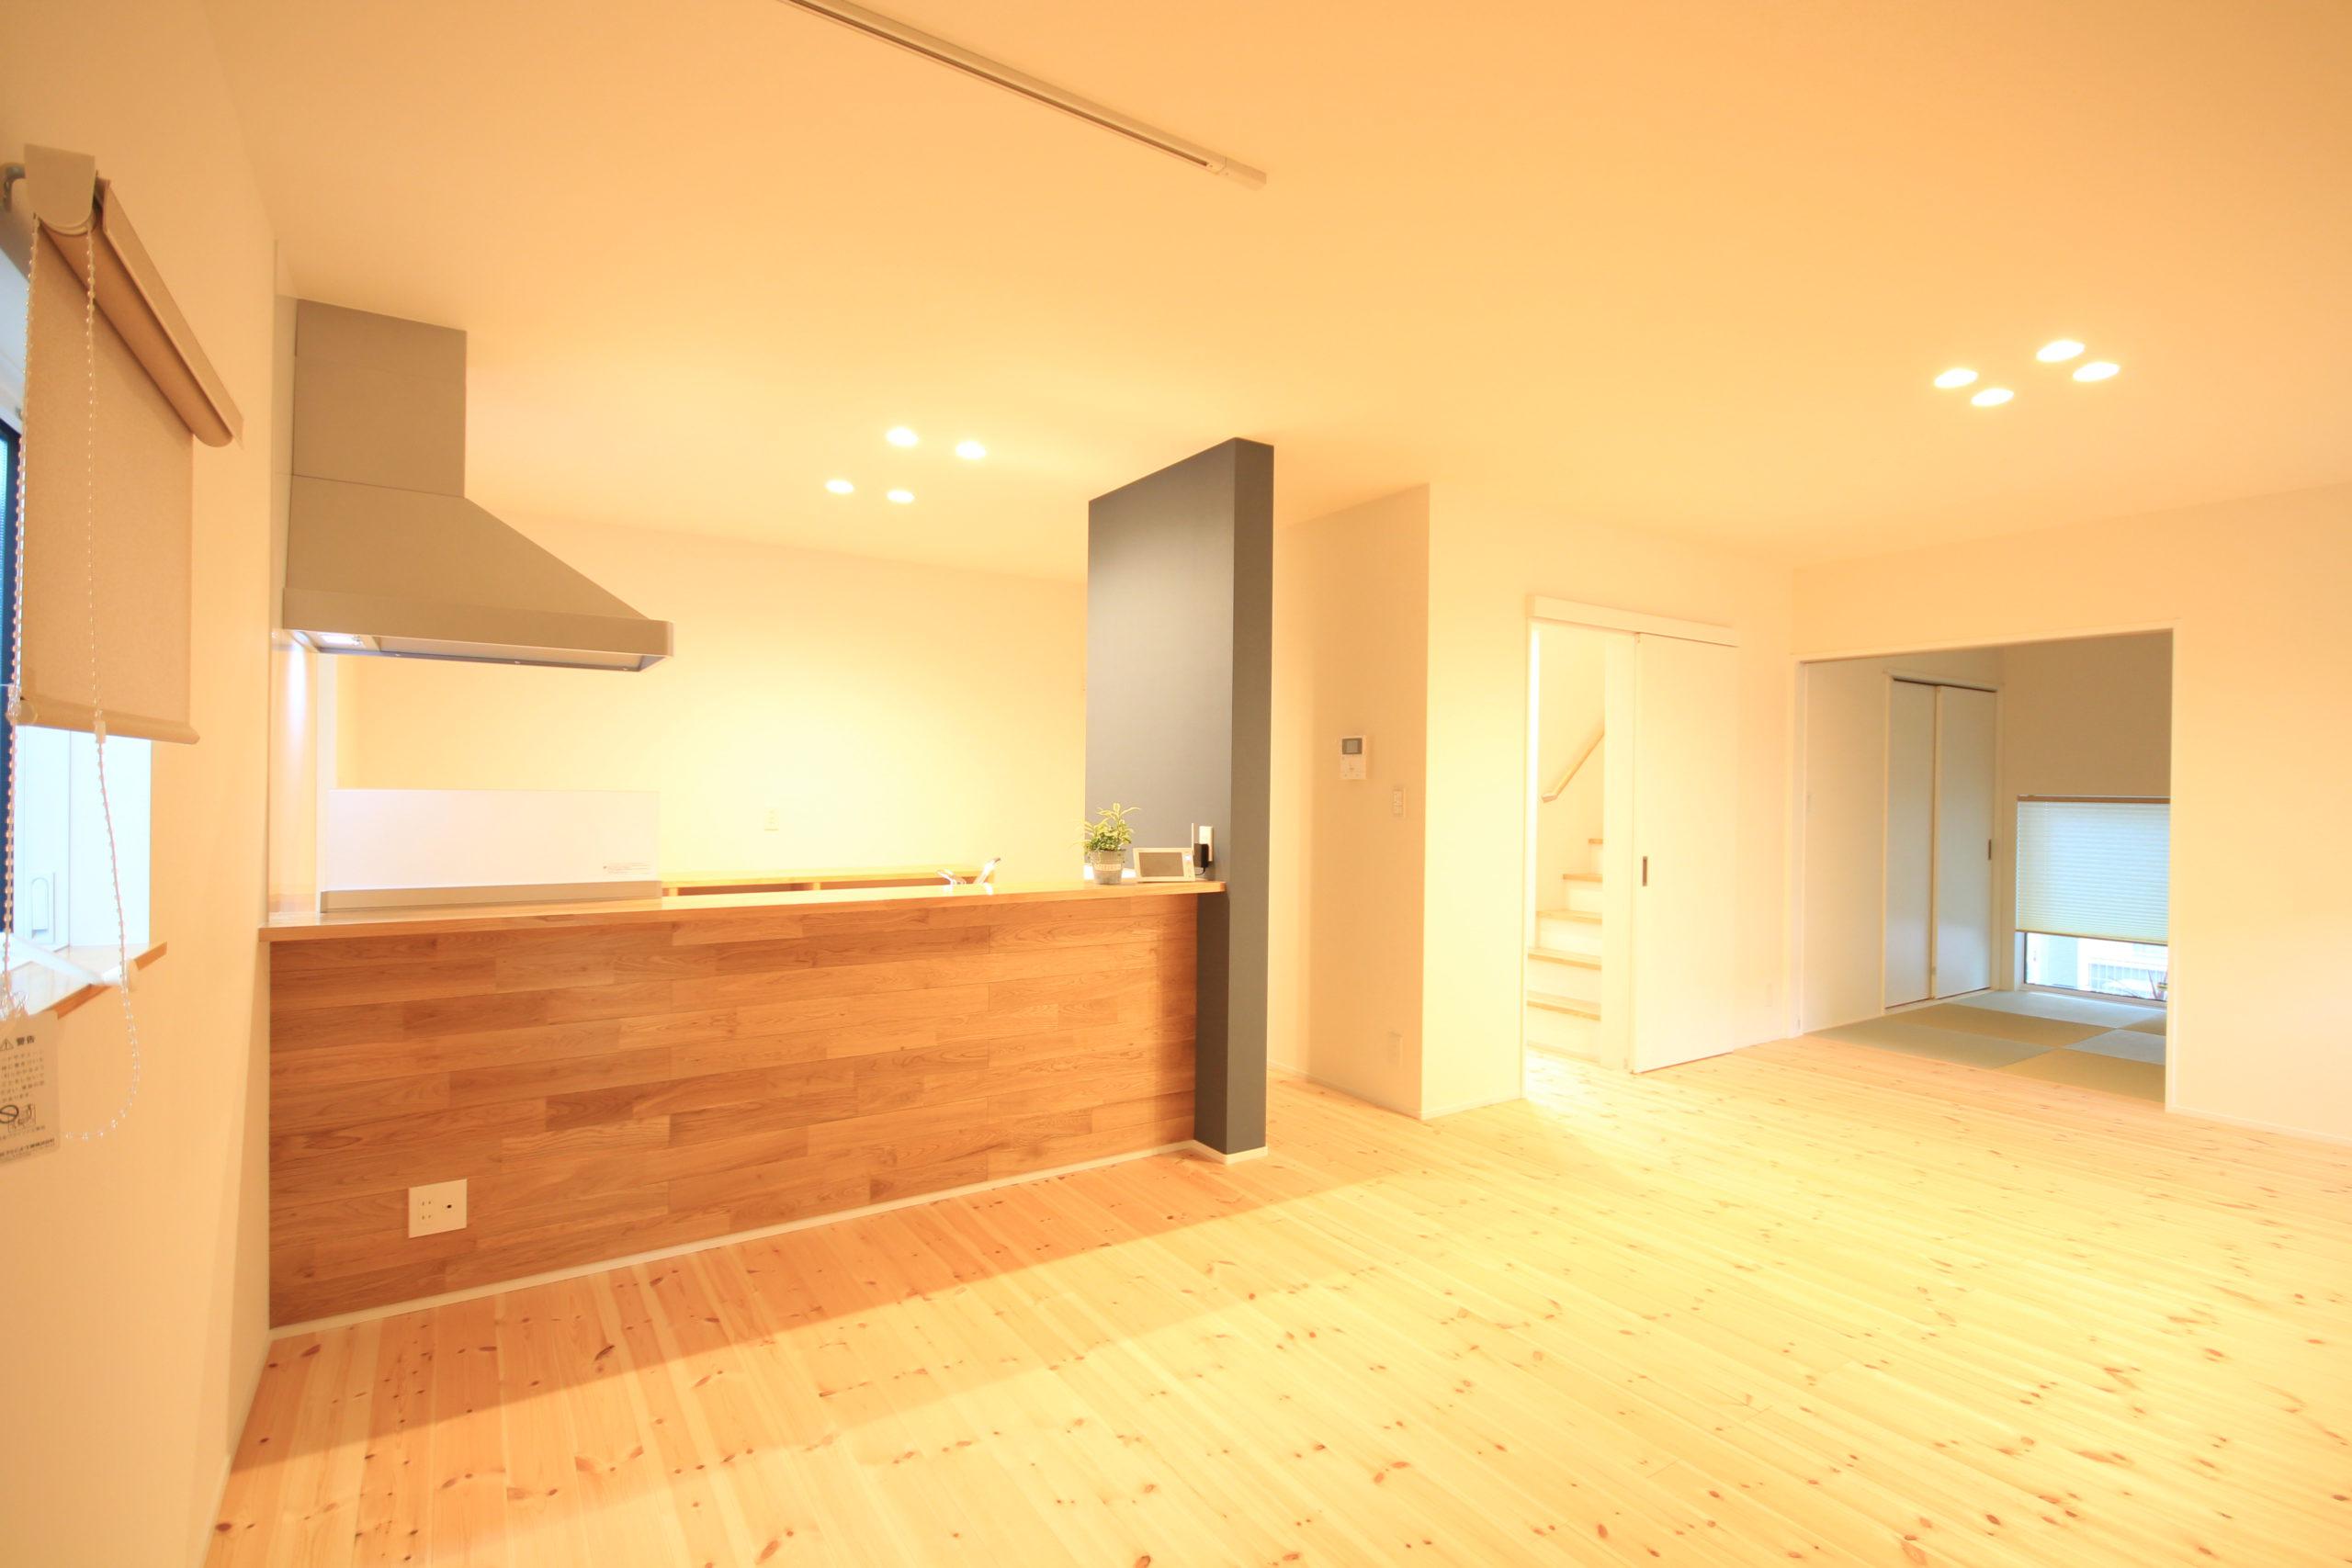 栃木県上三川の耐震住宅施工事例K邸のキッチン